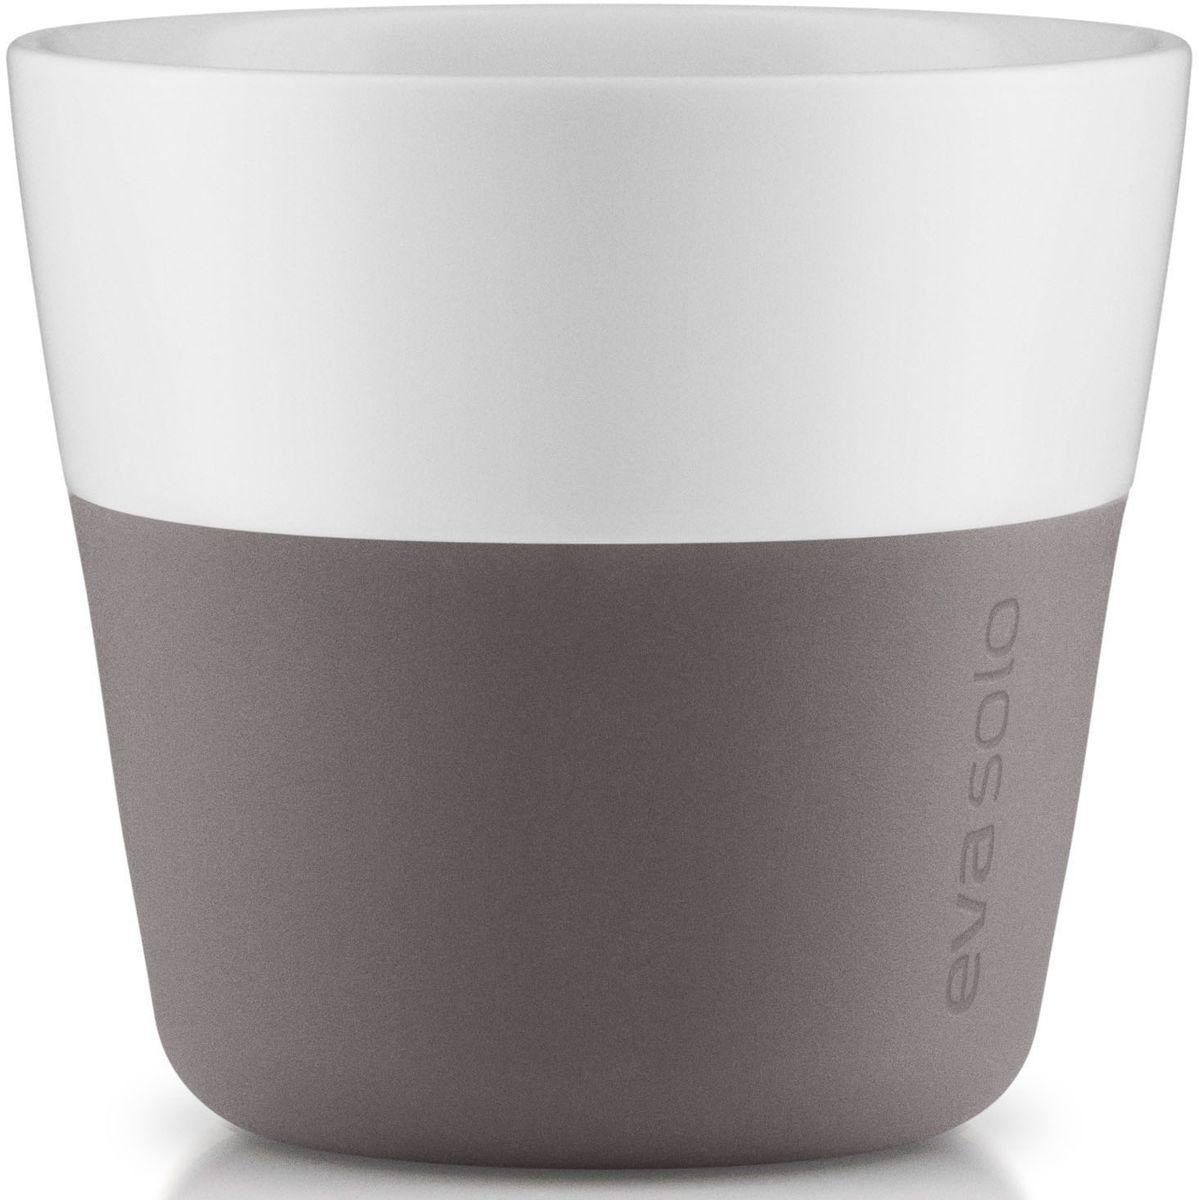 Чашки для лунго Eva Solo, 230 мл, 2 шт., цвет: серыйVT-1520(SR)Чашка для кофе лунго от Eva Solo рассчитана на 230 мл - оптимальный объем, а также стандарт для этого типа напитка у большинства кофе-машин. Чашка сделана из фарфора и имеет специальный силиконовый чехол, чтобы ее можно было держать в руках, не рискуя обжечь пальцы. Чехол легко снимается, и чашку можно мыть в посудомоечной машине. Умные и красивые предметы посуды от Eva Solo будут украшением любой кухни!